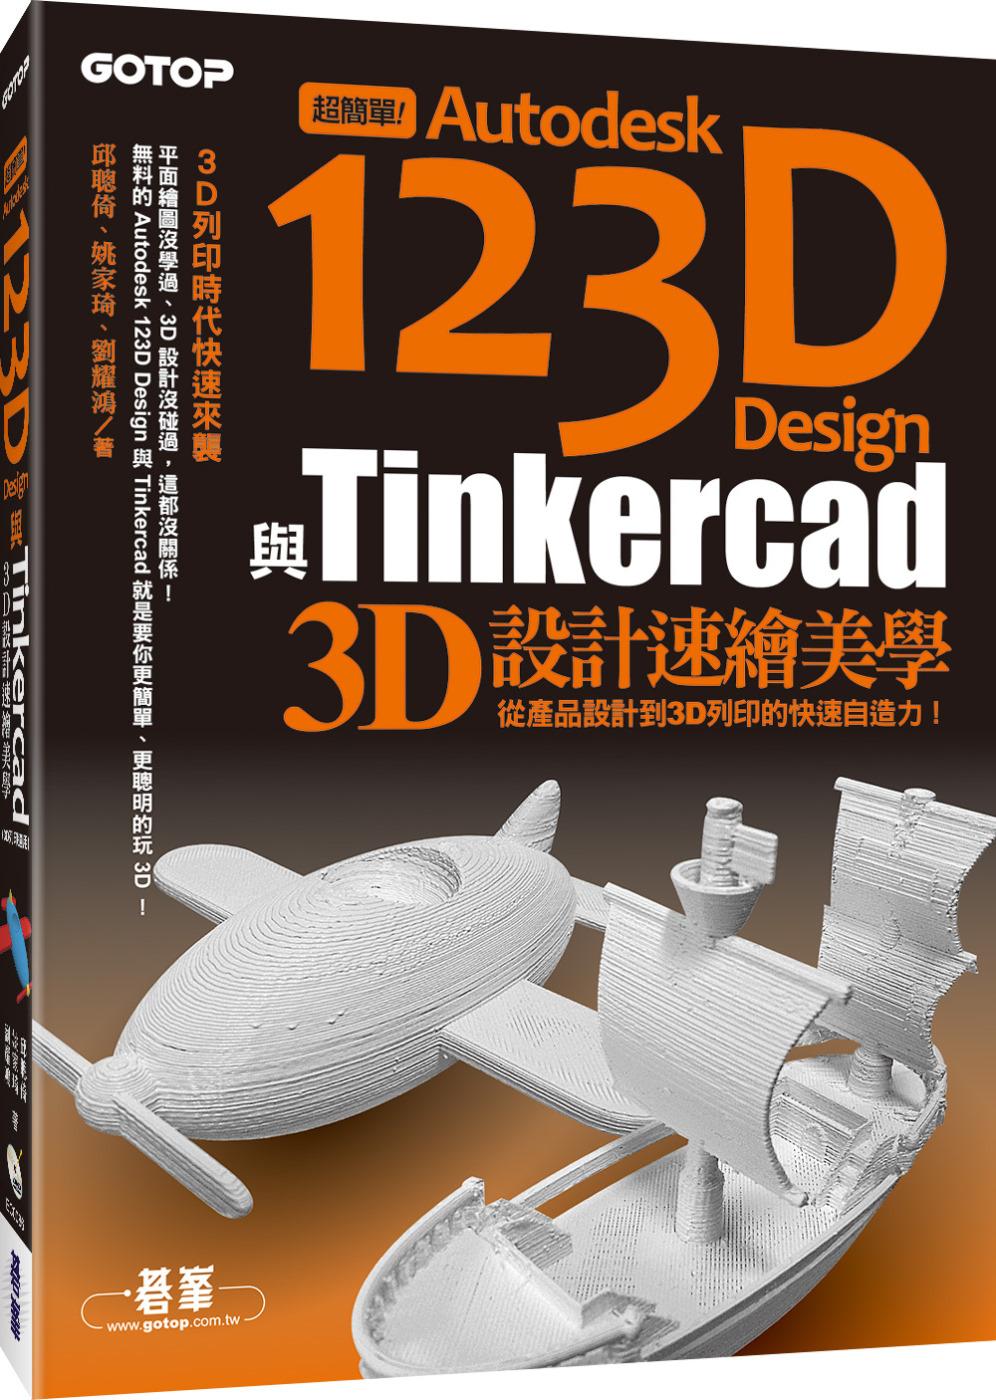 超簡單!Autodesk 123D Design與Tinkercad 3D設計速繪美學(從產品設計到3D列印的快速自造力) (附150分鐘影音教學/範例/工具)